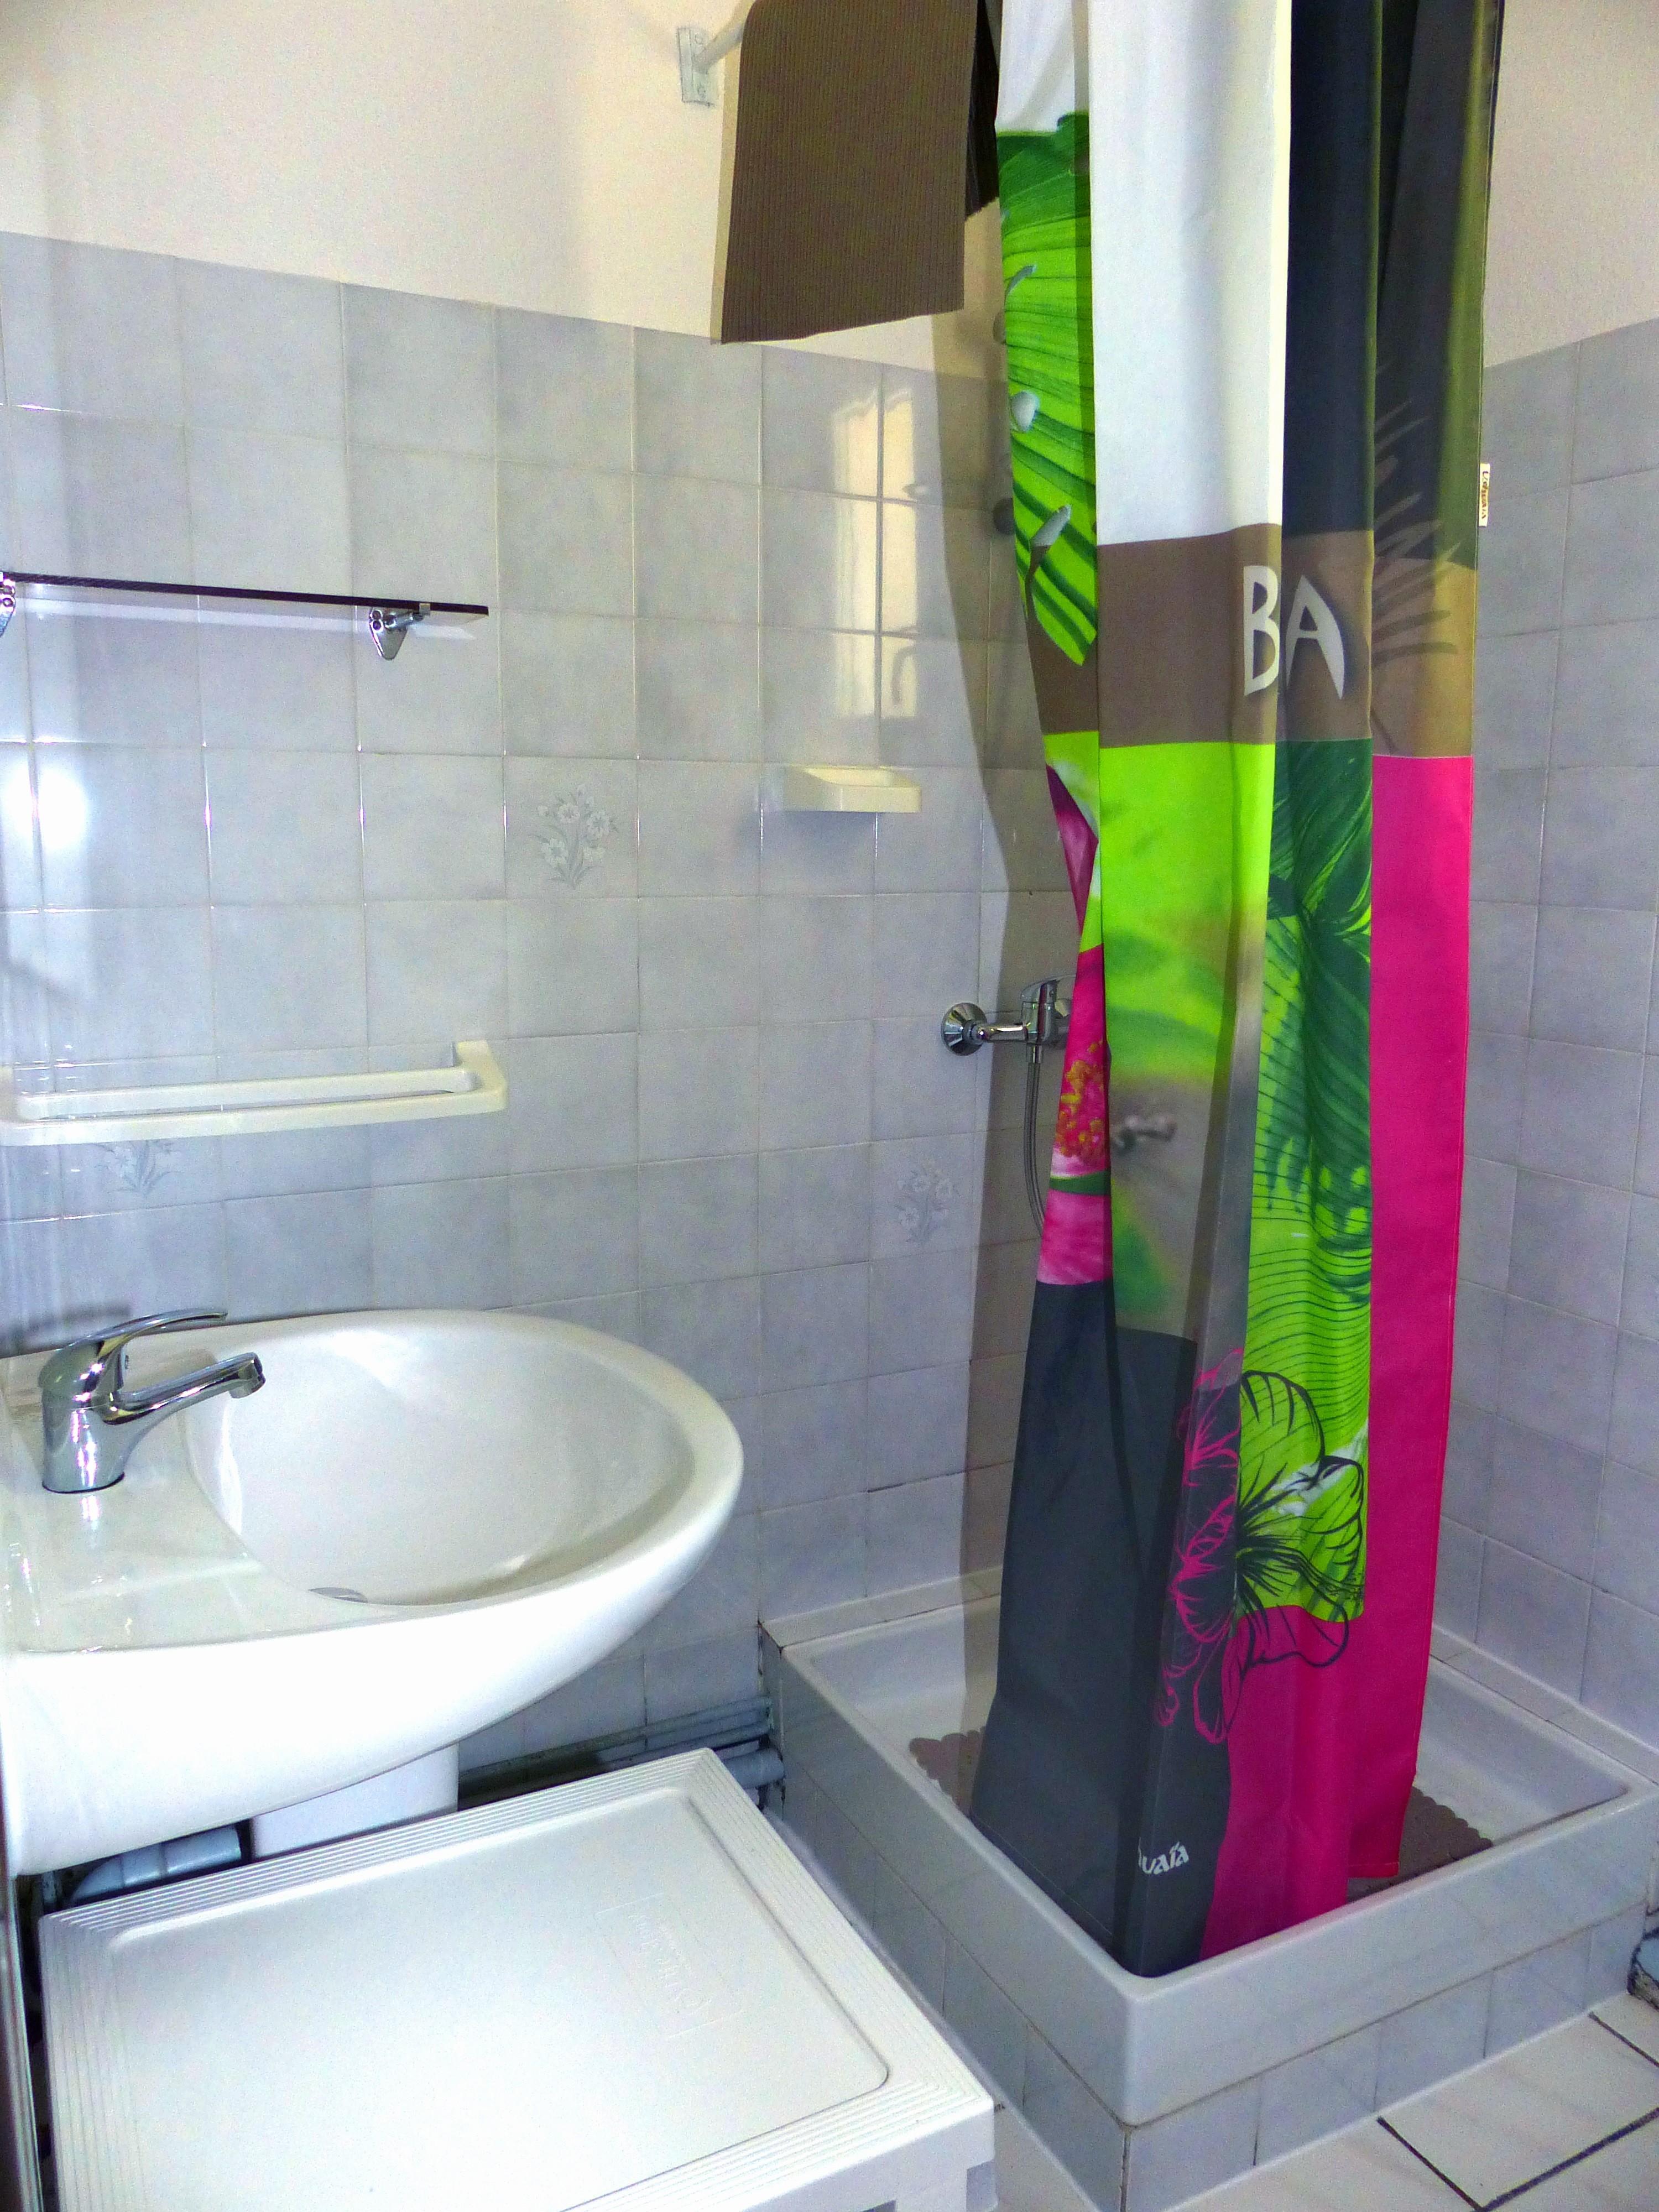 Salle de bain Appart n°6 - 2 chambres au 1er étage